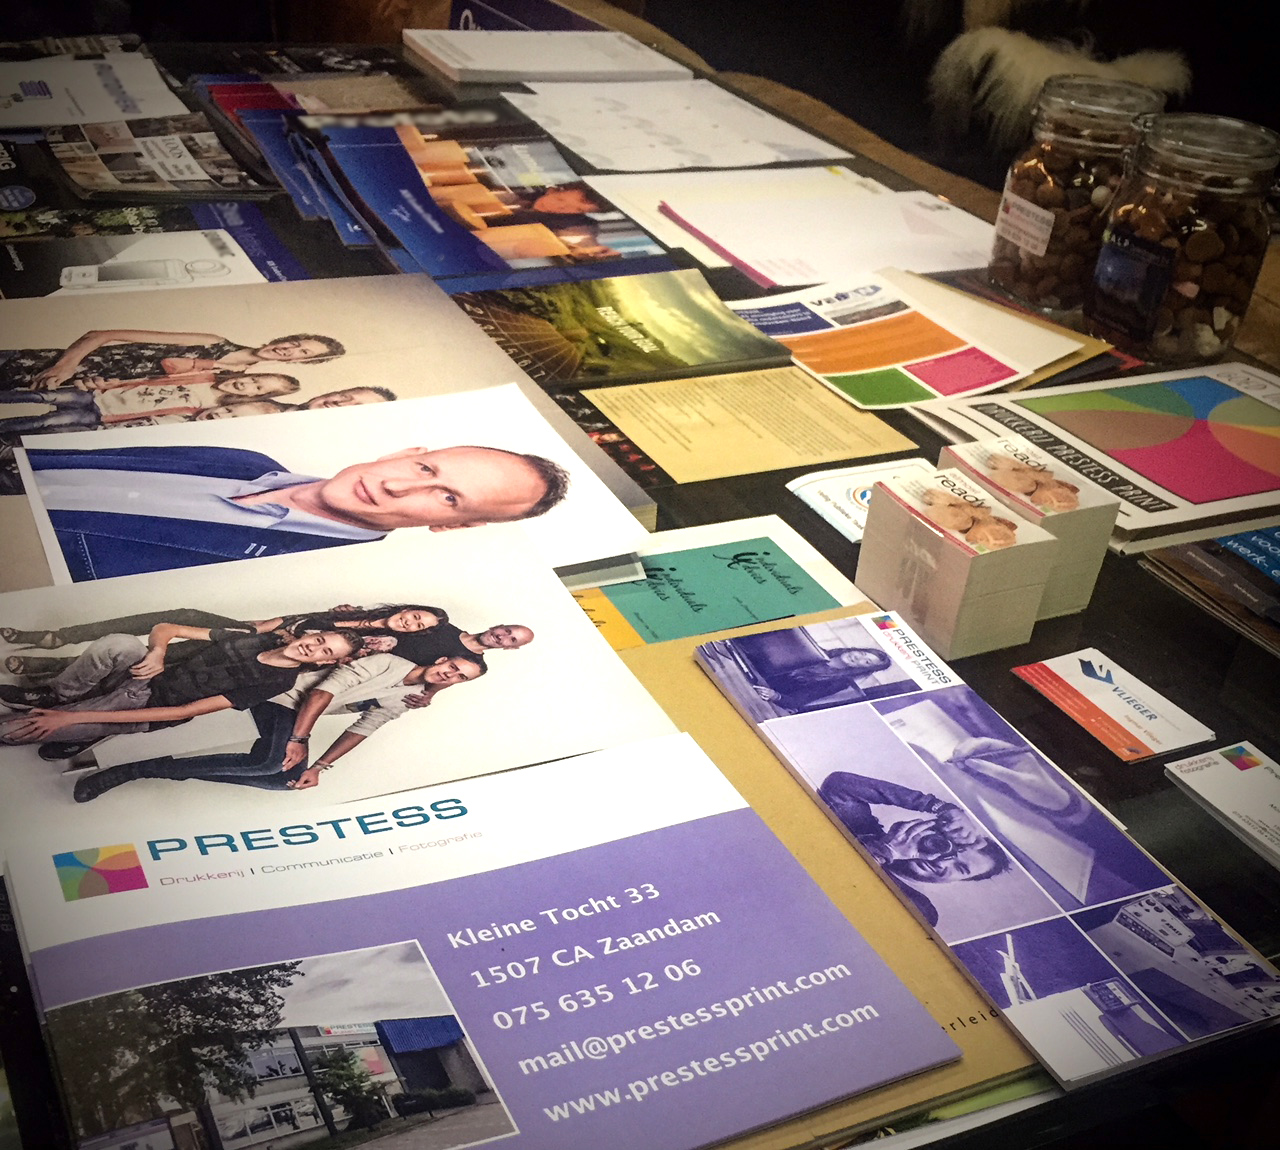 Cominicatie,drukwerk,fotografie,zaandam